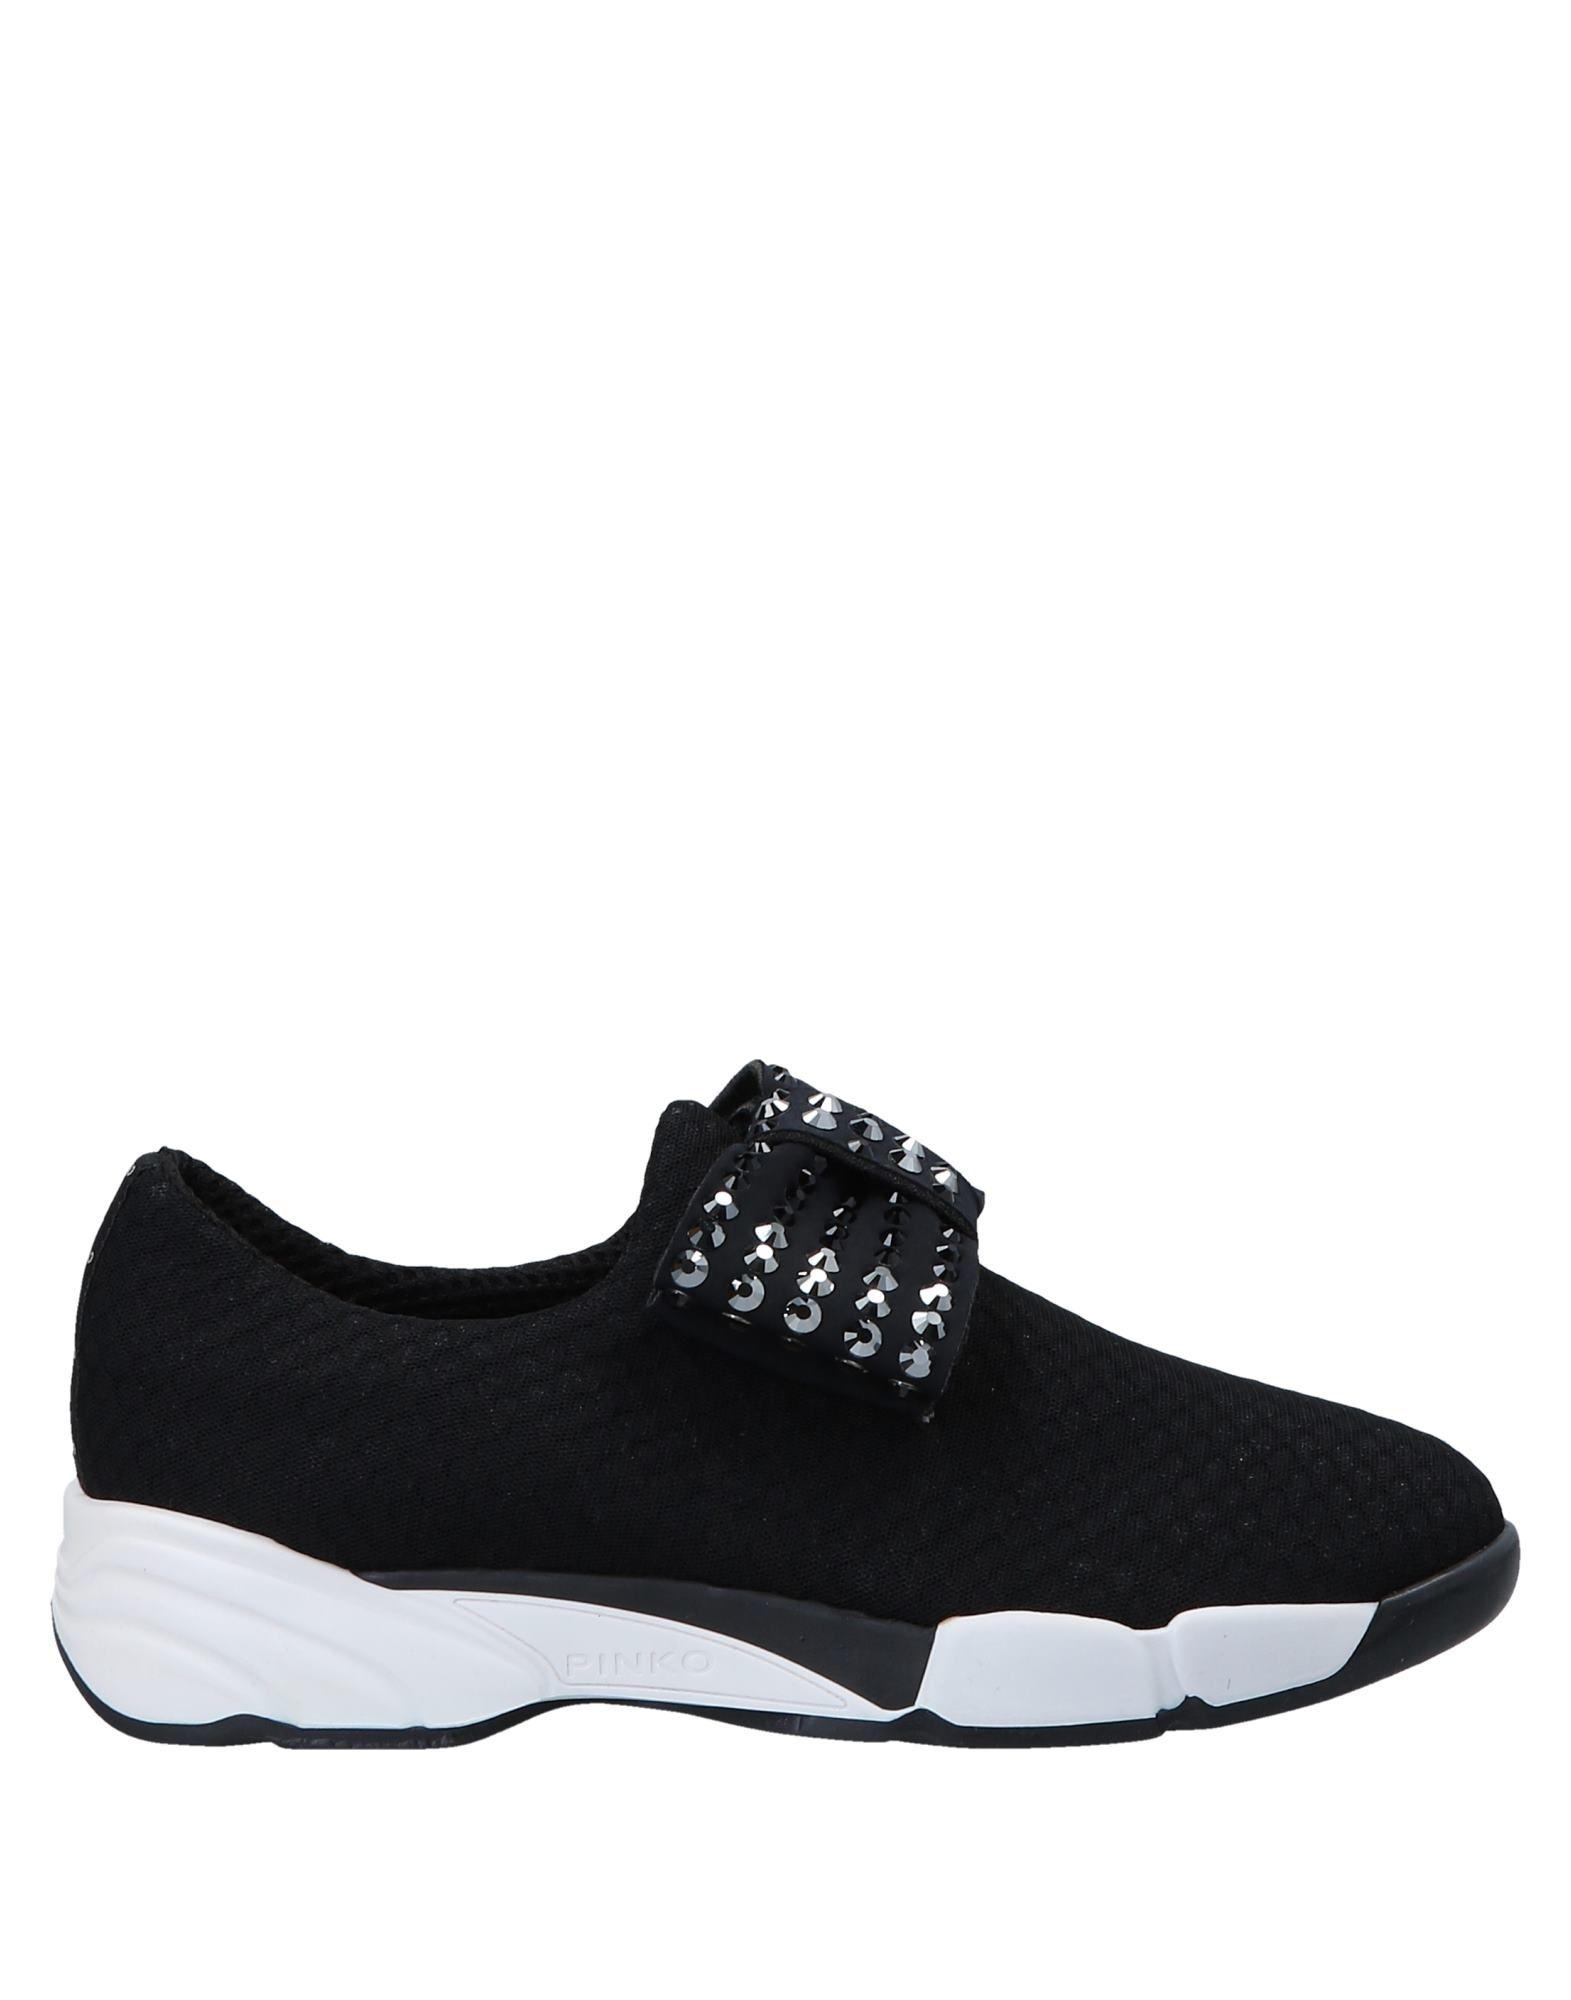 Stilvolle Damen billige Schuhe Pinko Sneakers Damen Stilvolle  11548885AG 54e58e